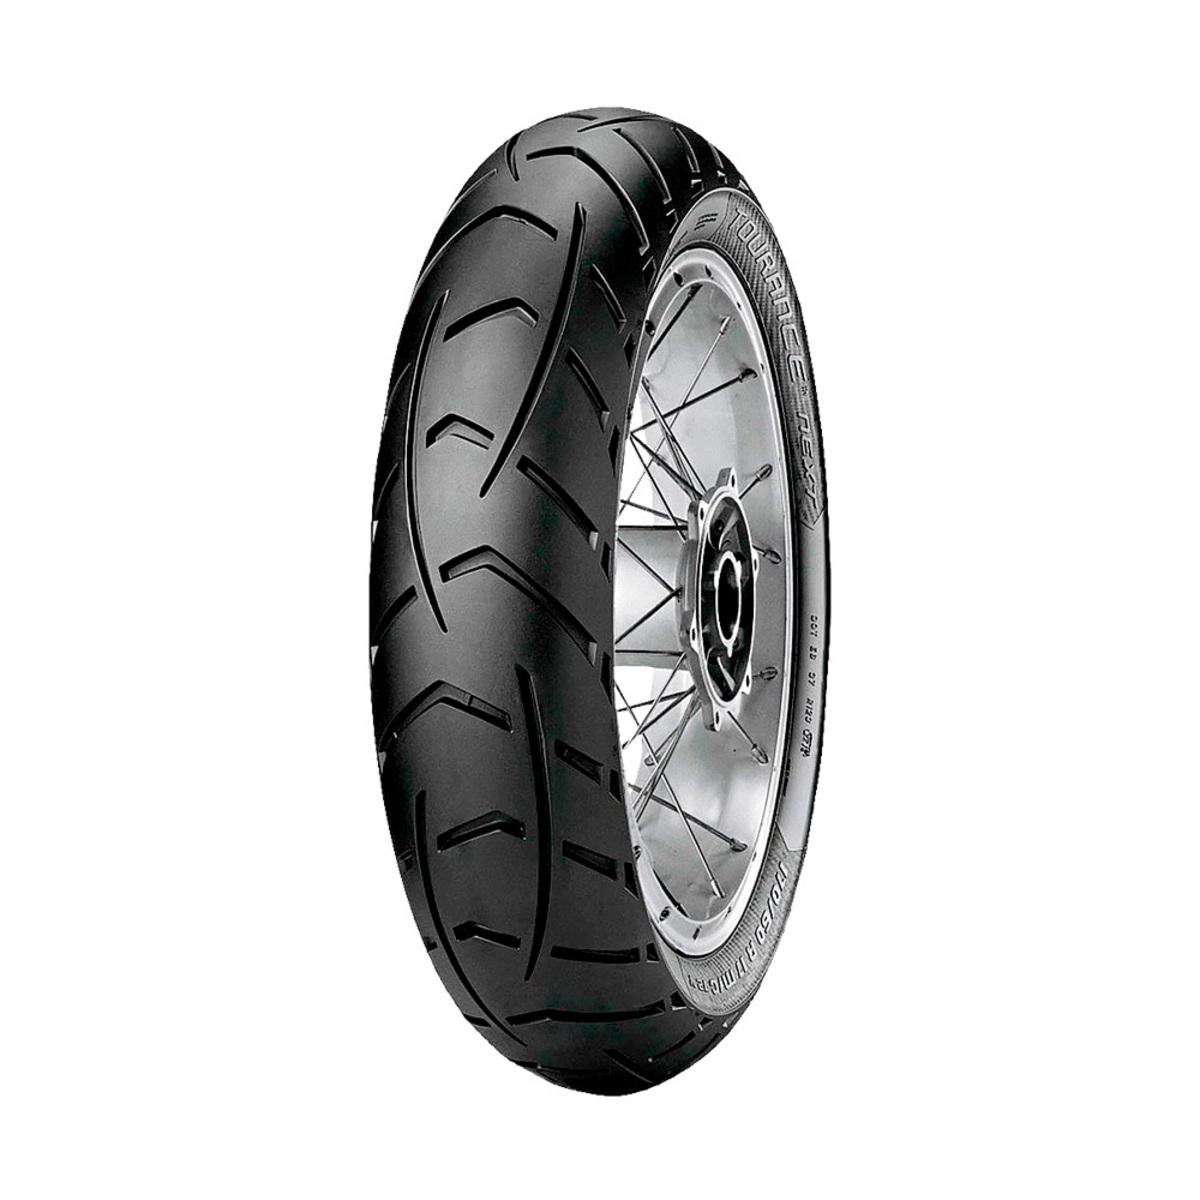 Pneu de Moto Metzeler Aro 17 Tourance Next 150/70R17 69V TL - Traseiro